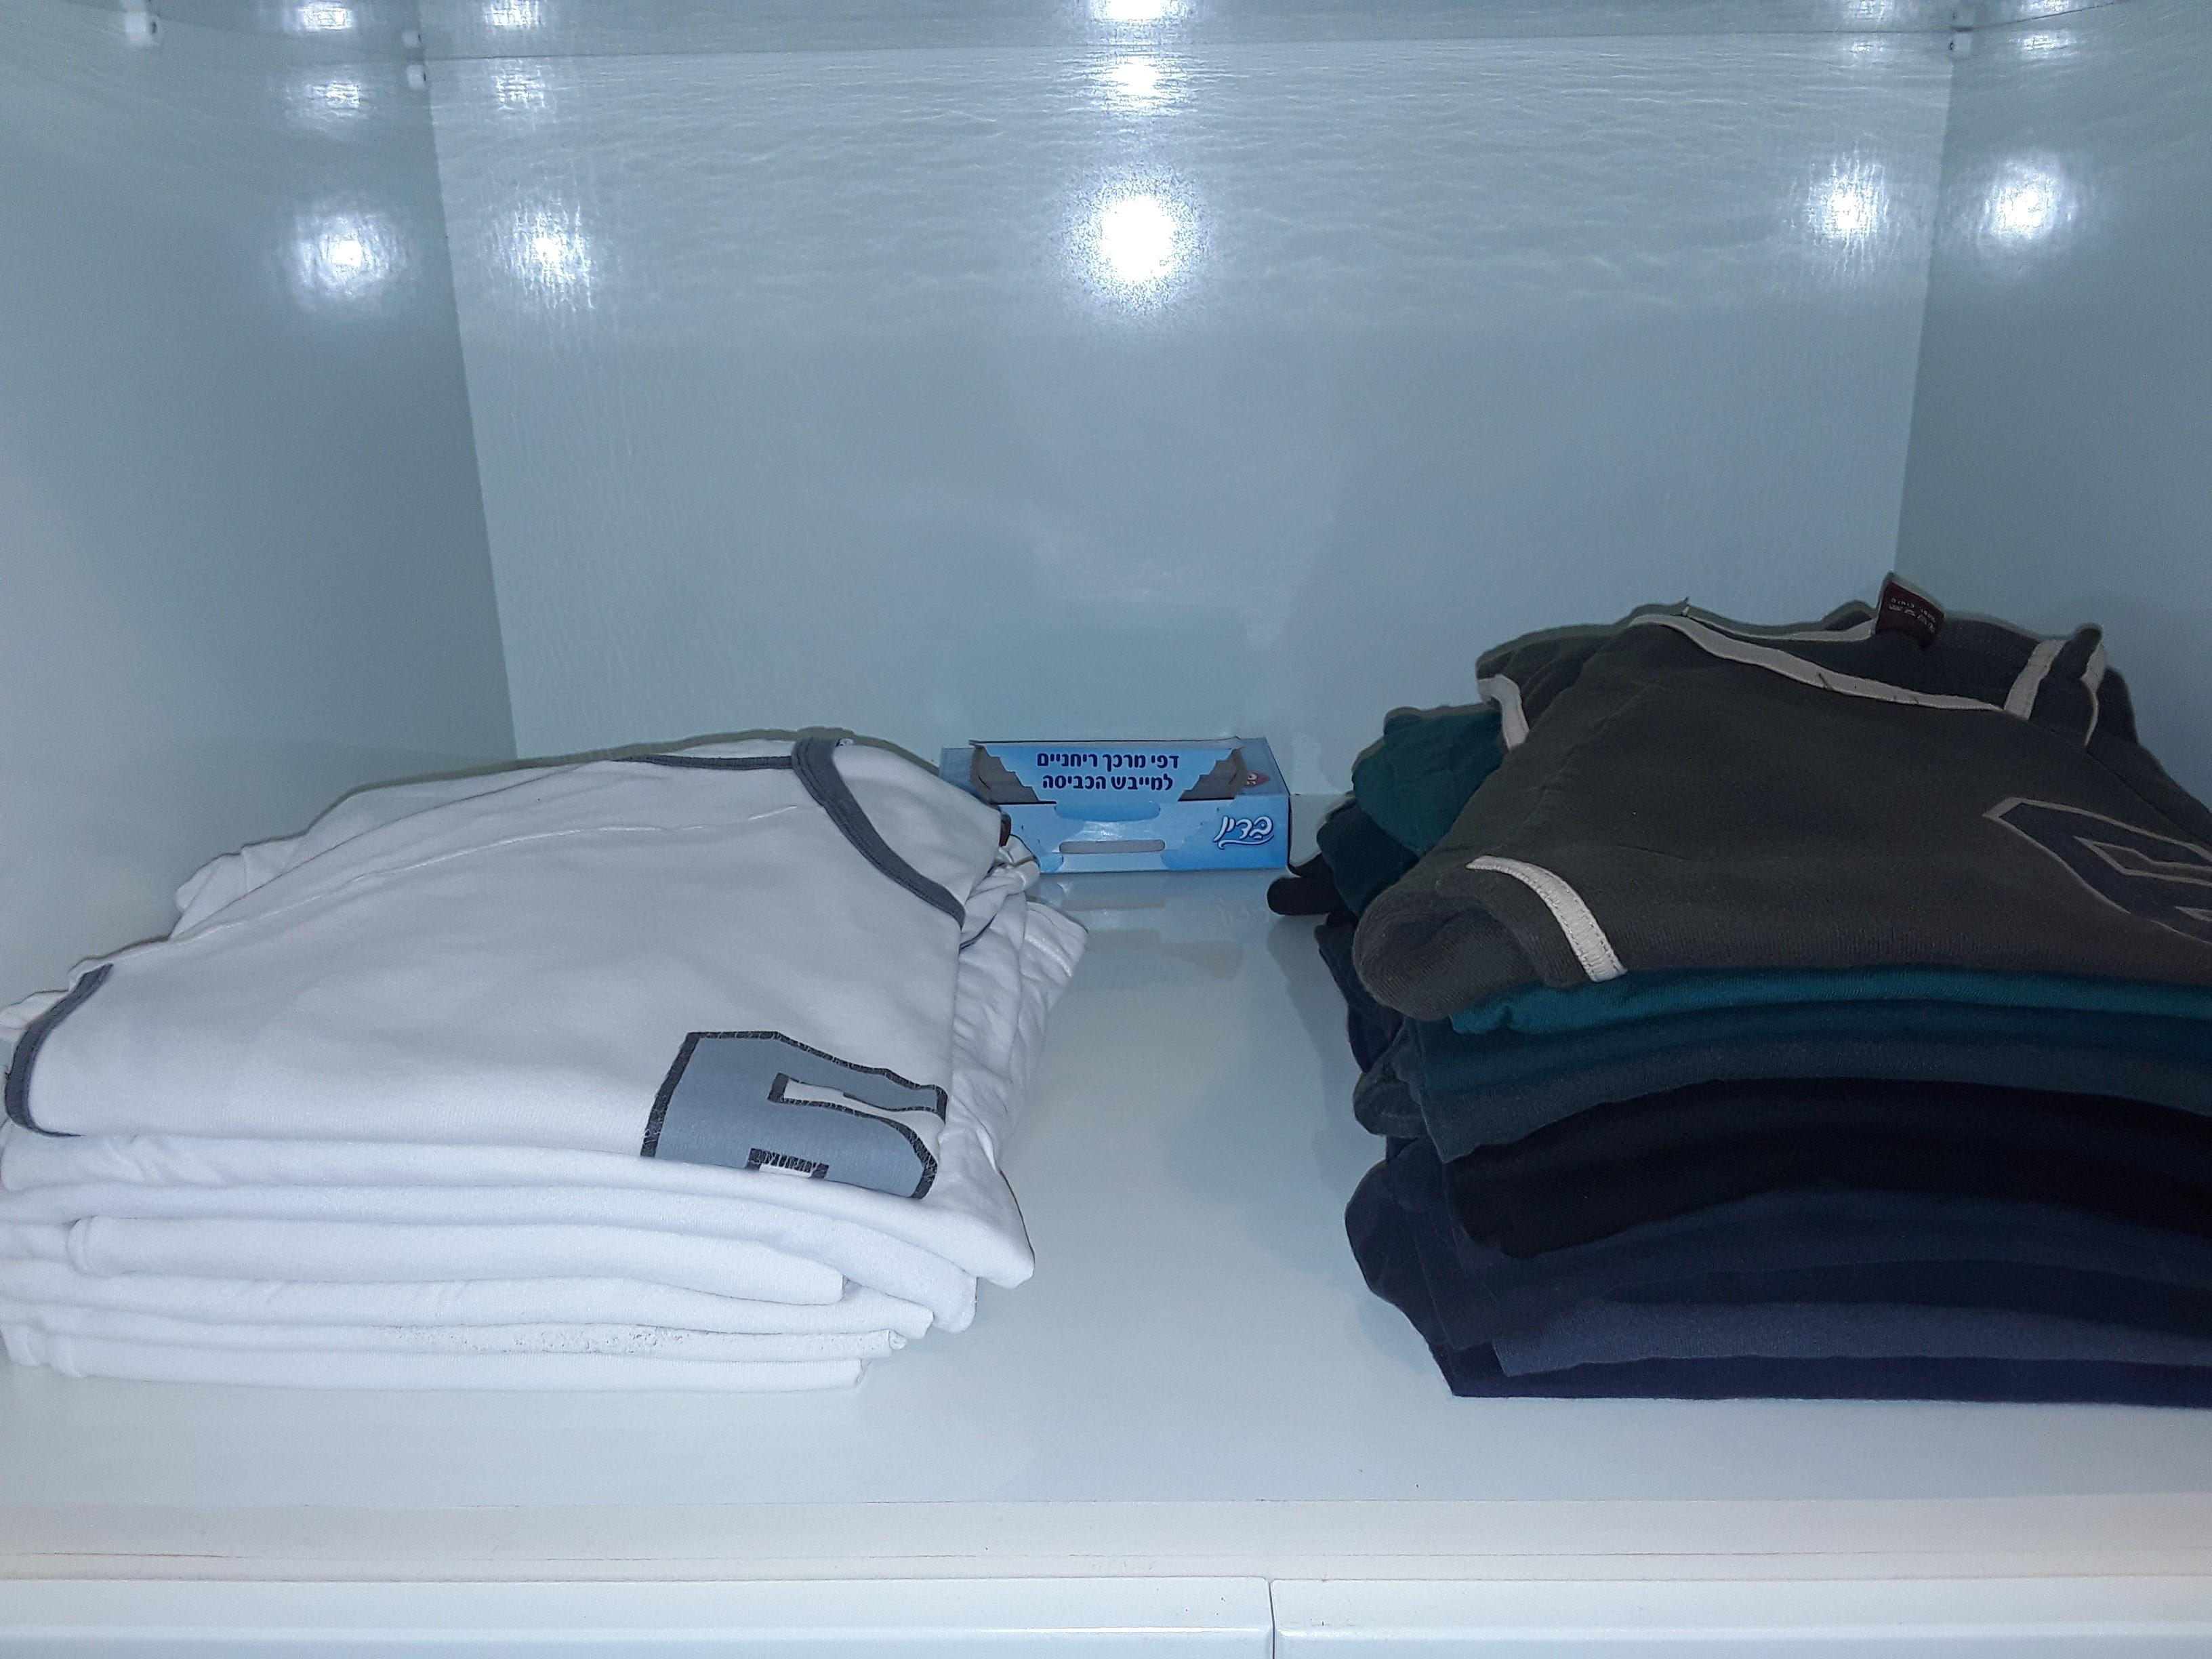 שיטות לסידור ארון הבגדים 'יהיה בסדר בצפון!'